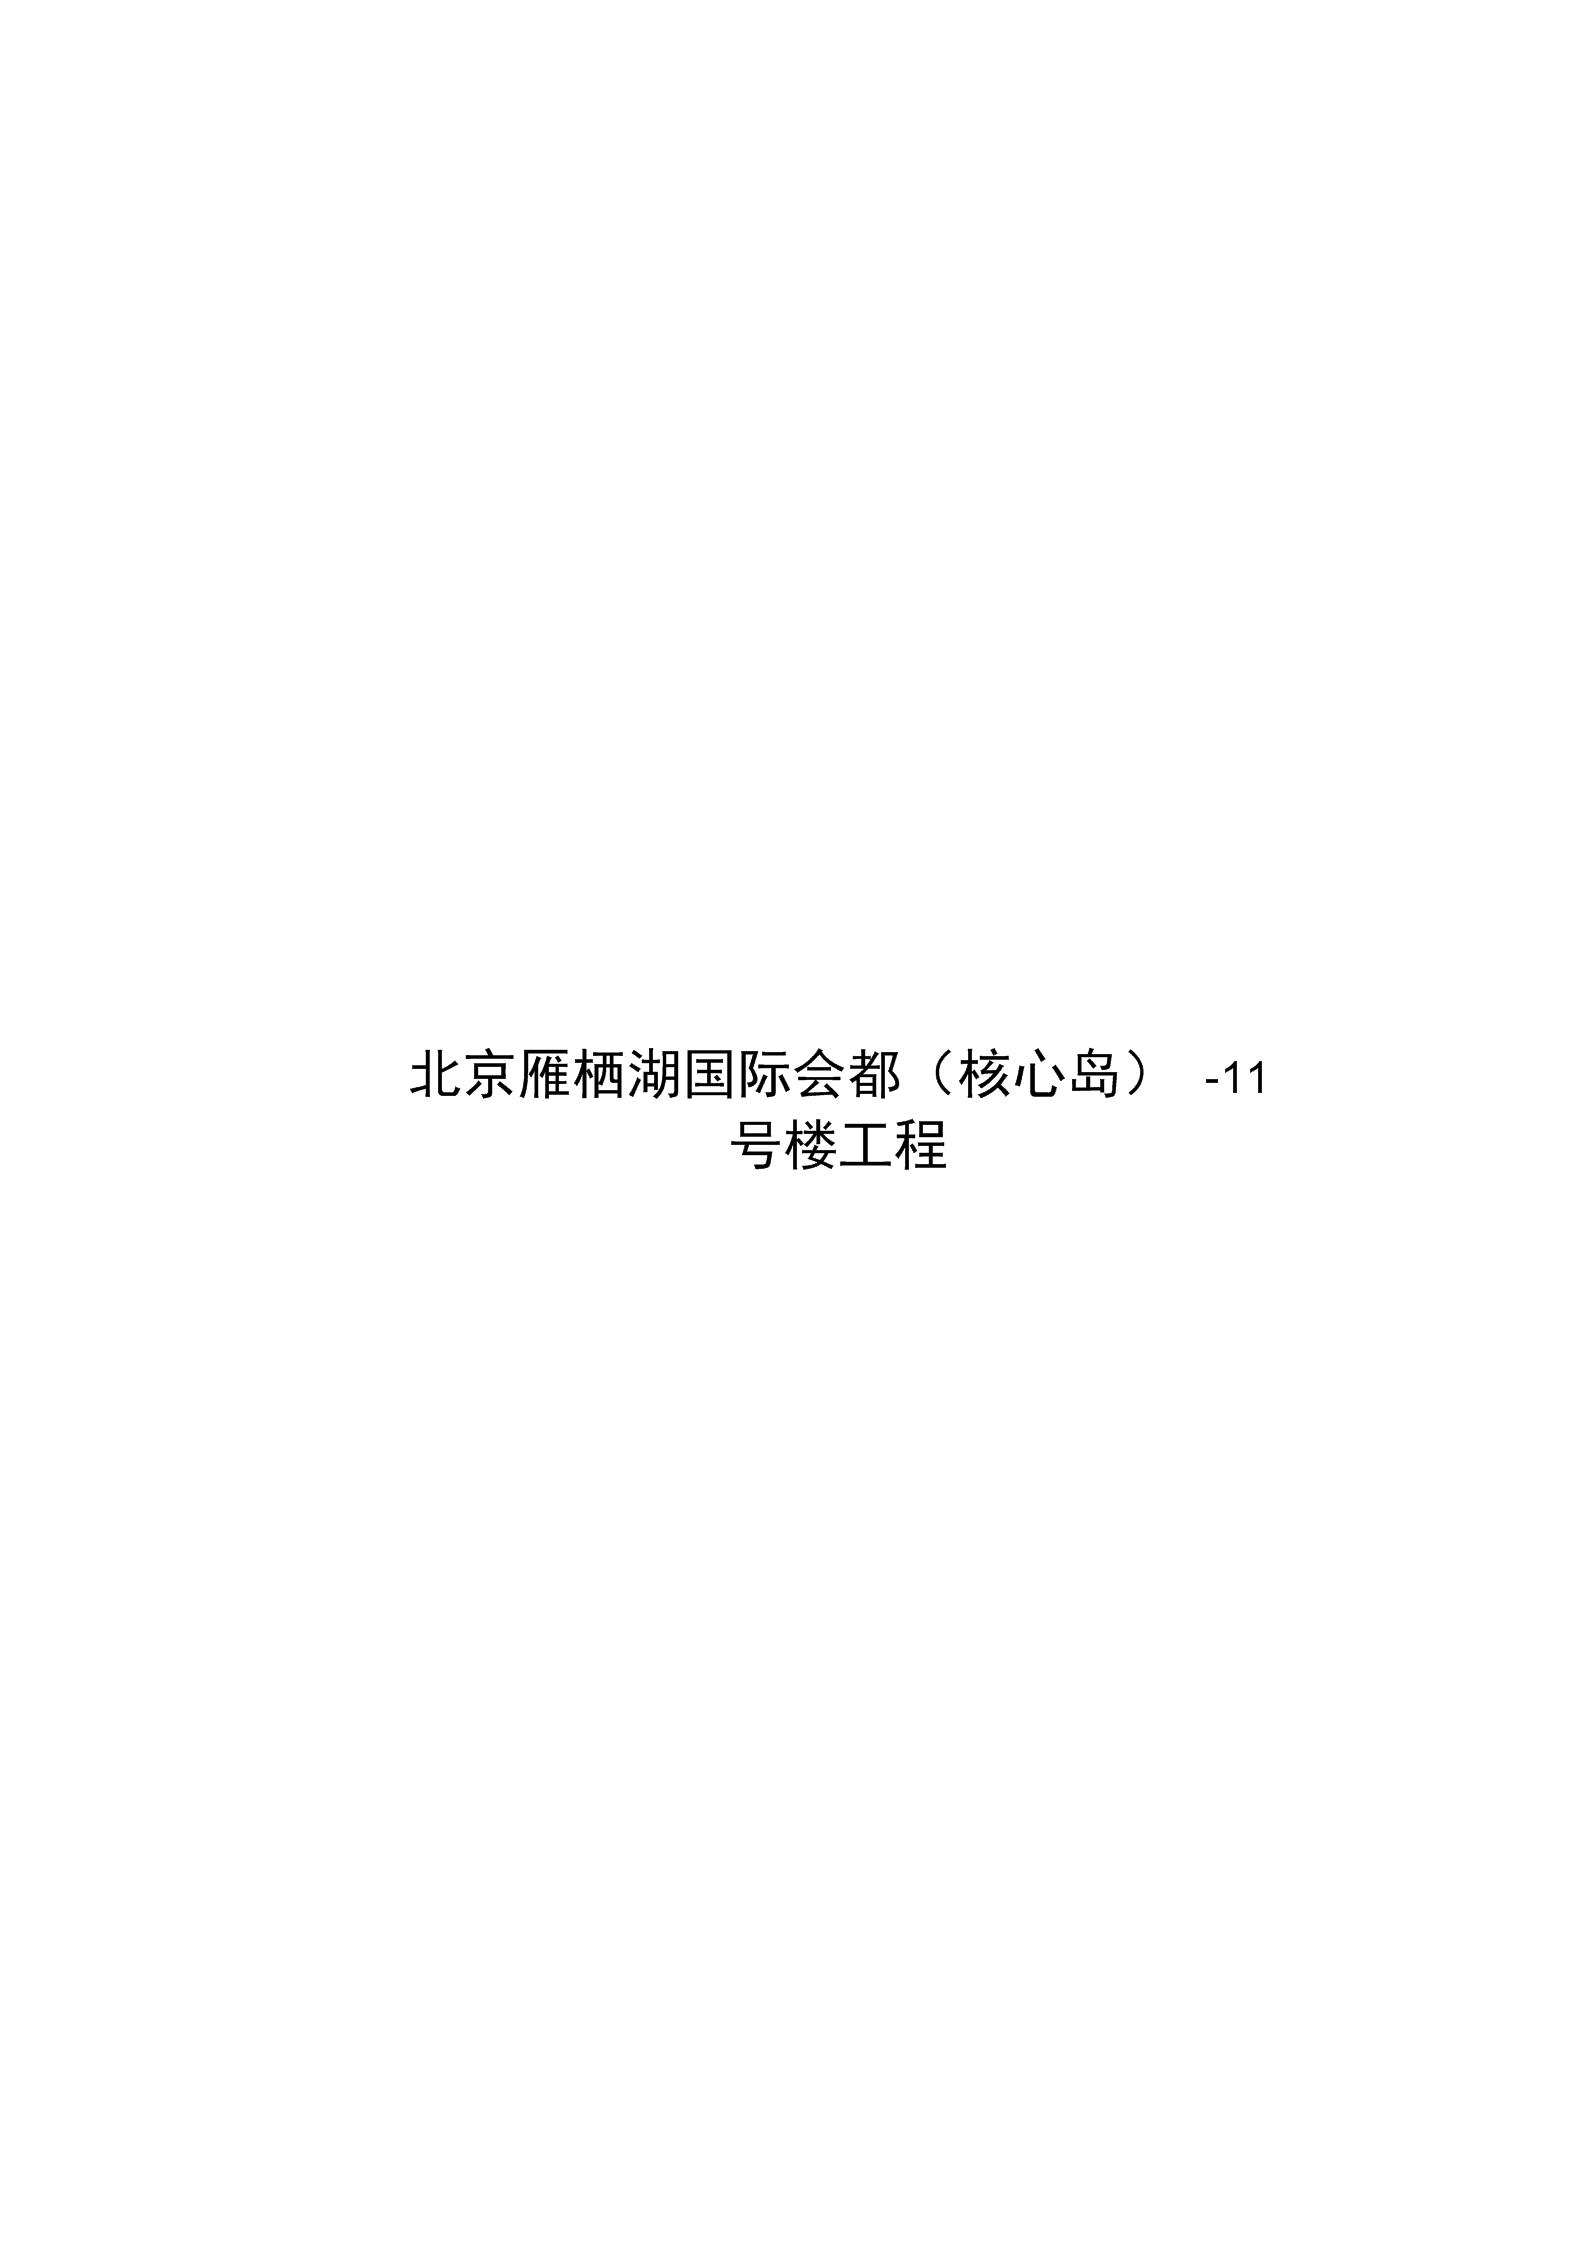 基础桩施工方案(冲击钻).docx